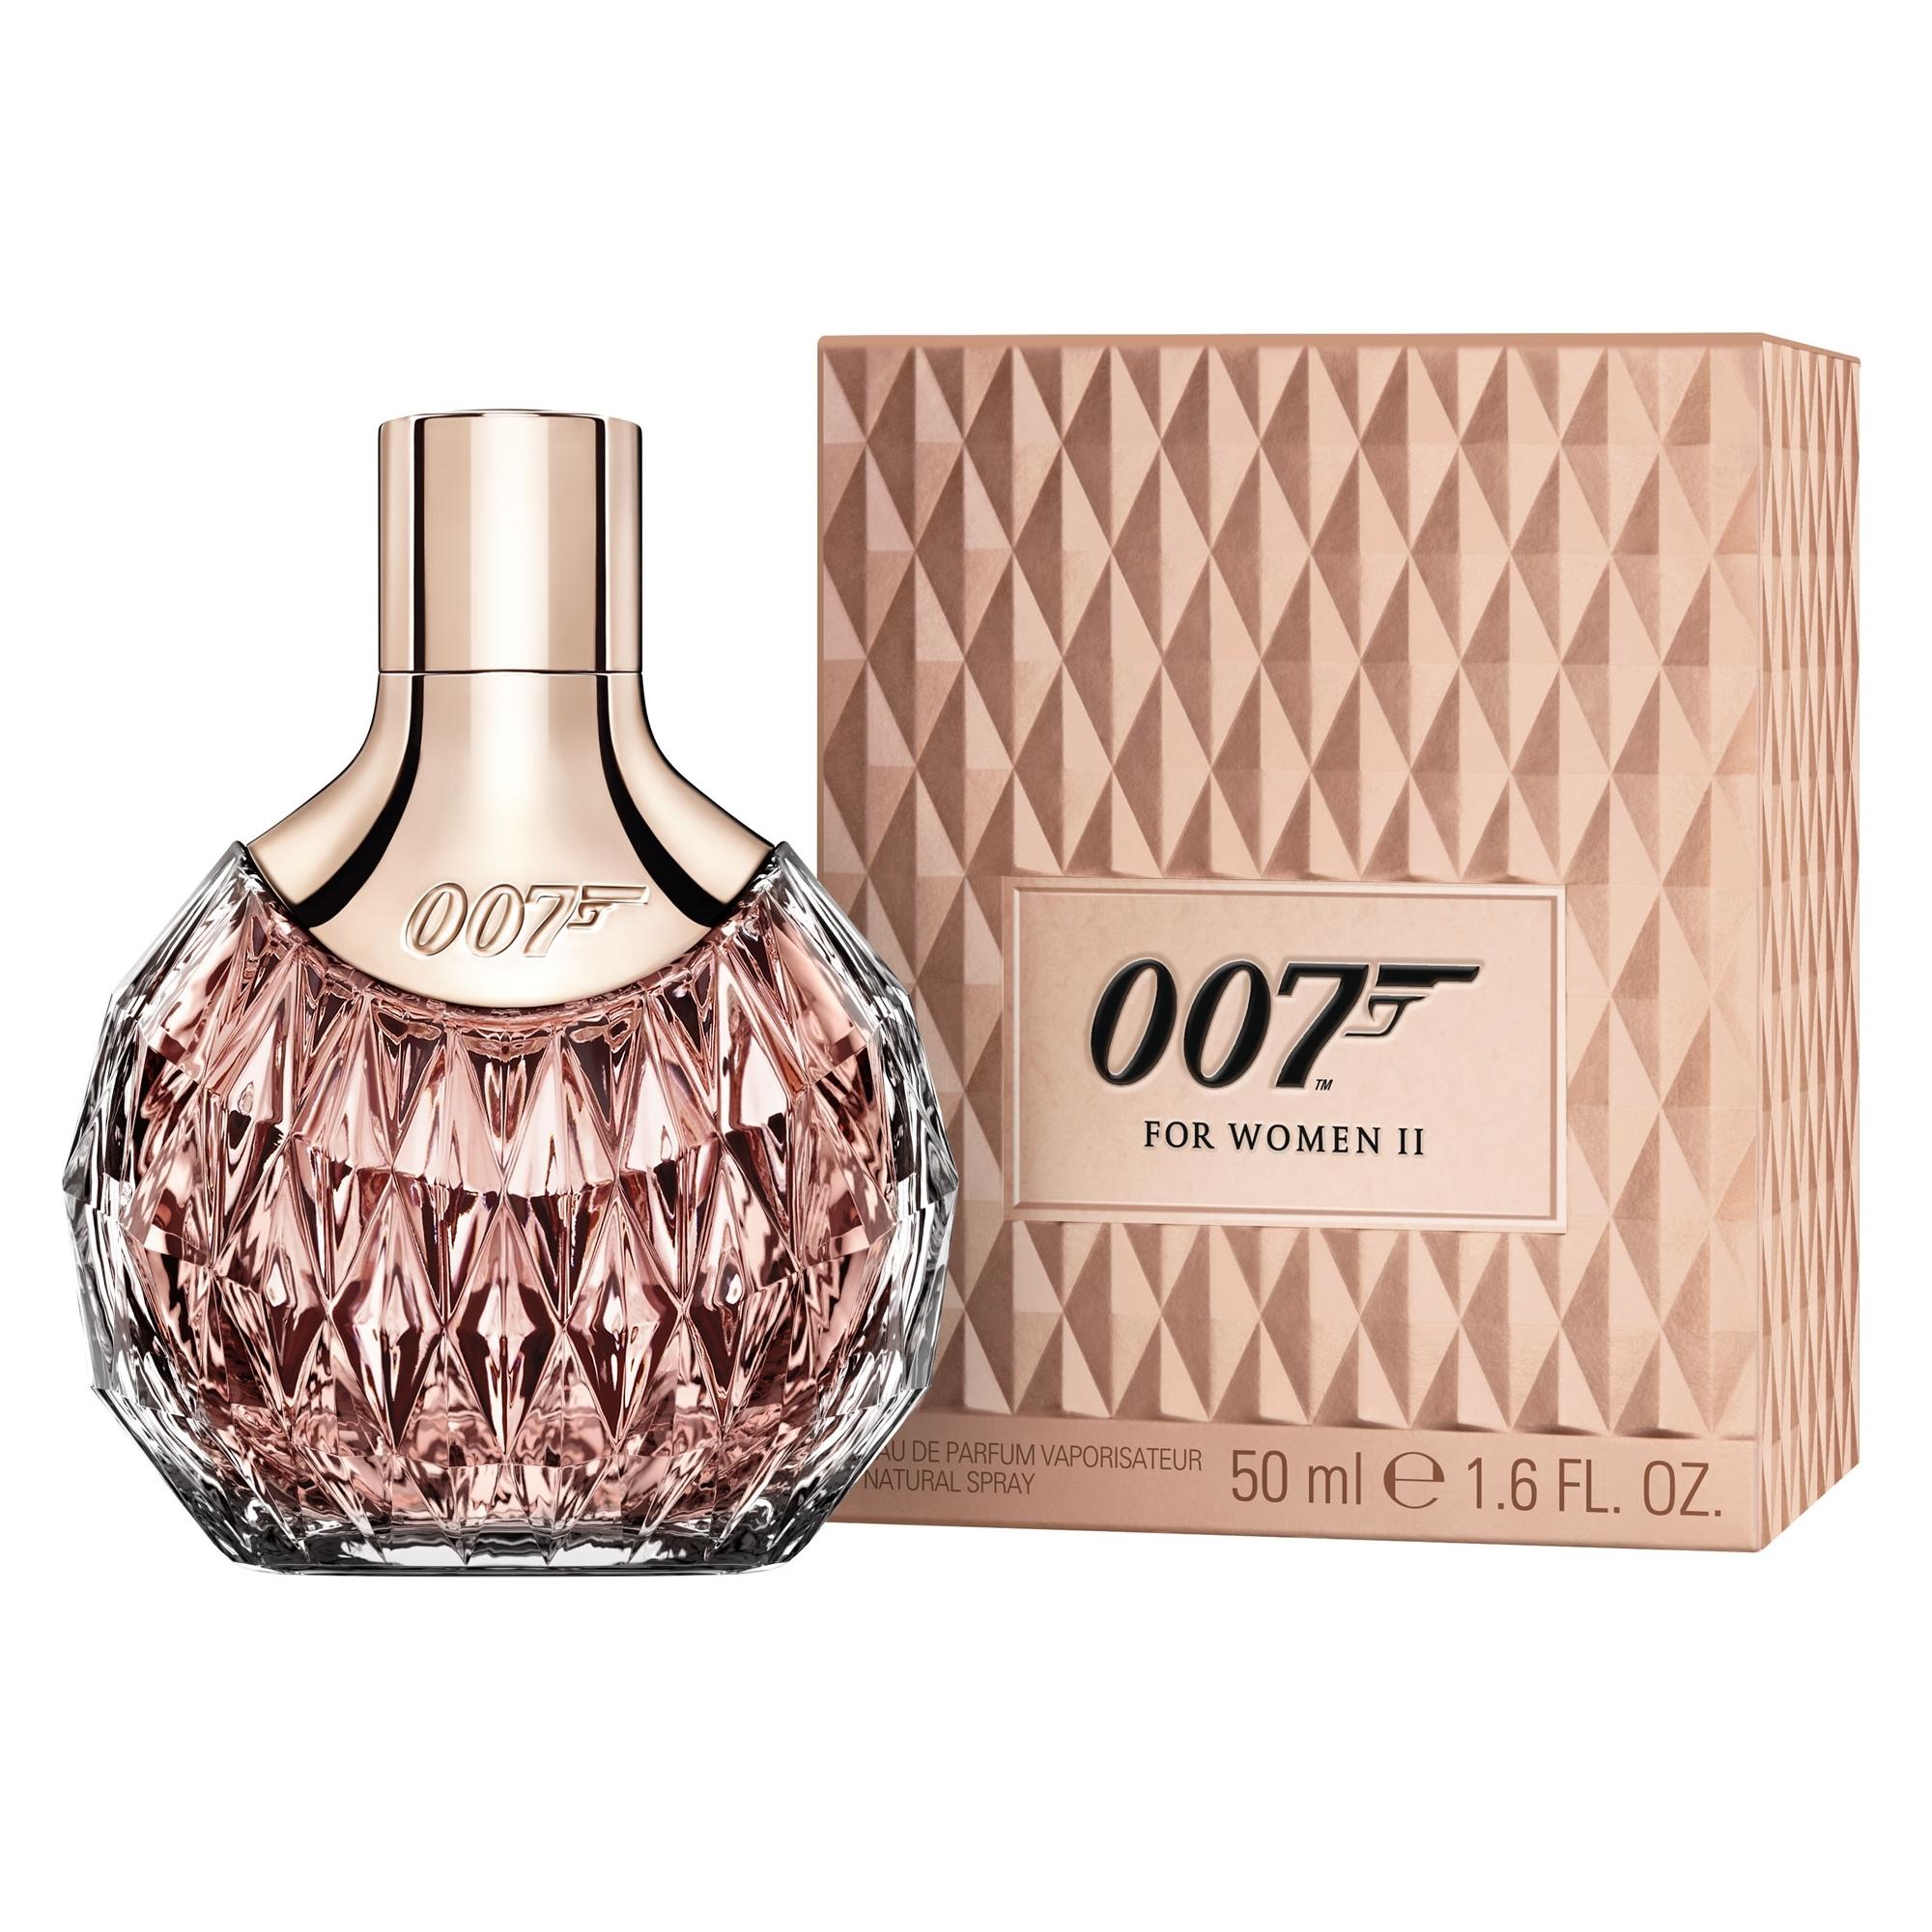 james bond parfym kicks